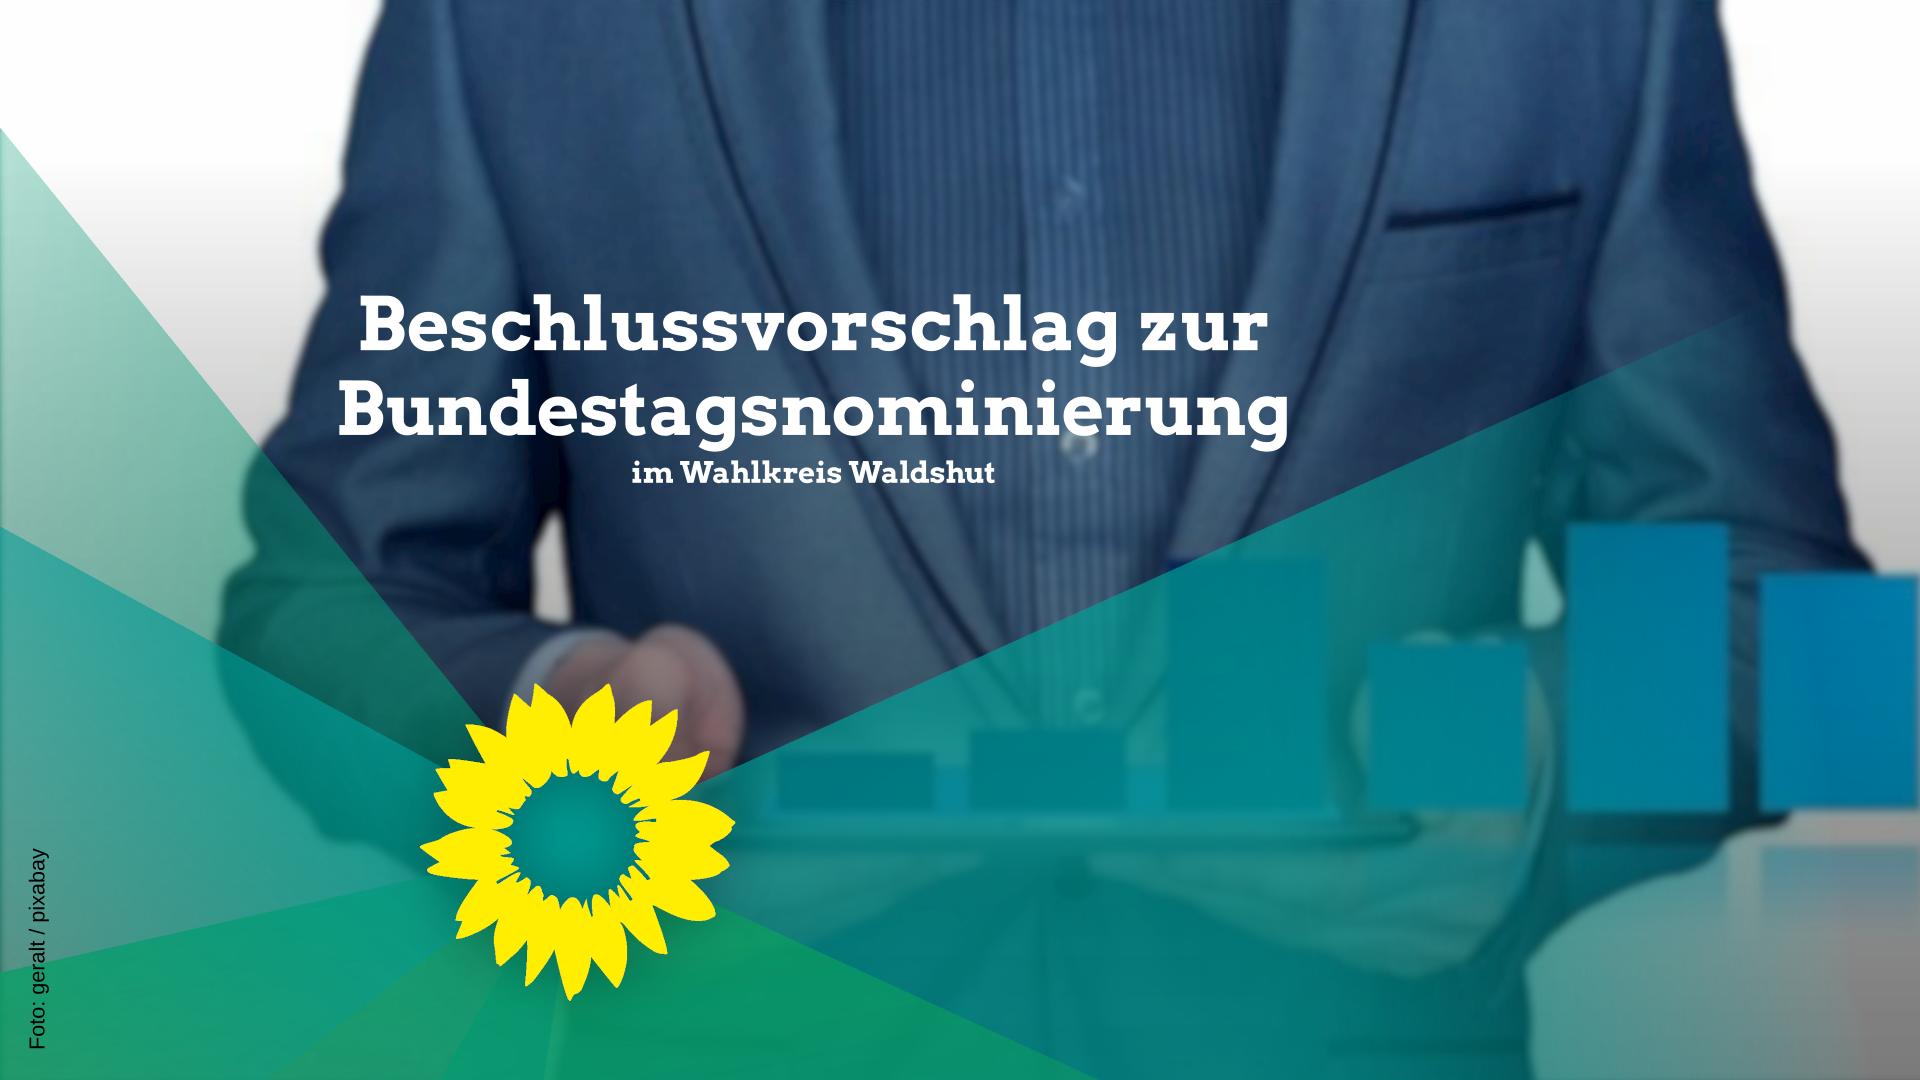 Beschlussvorschlag zur Bundestagsnominierung